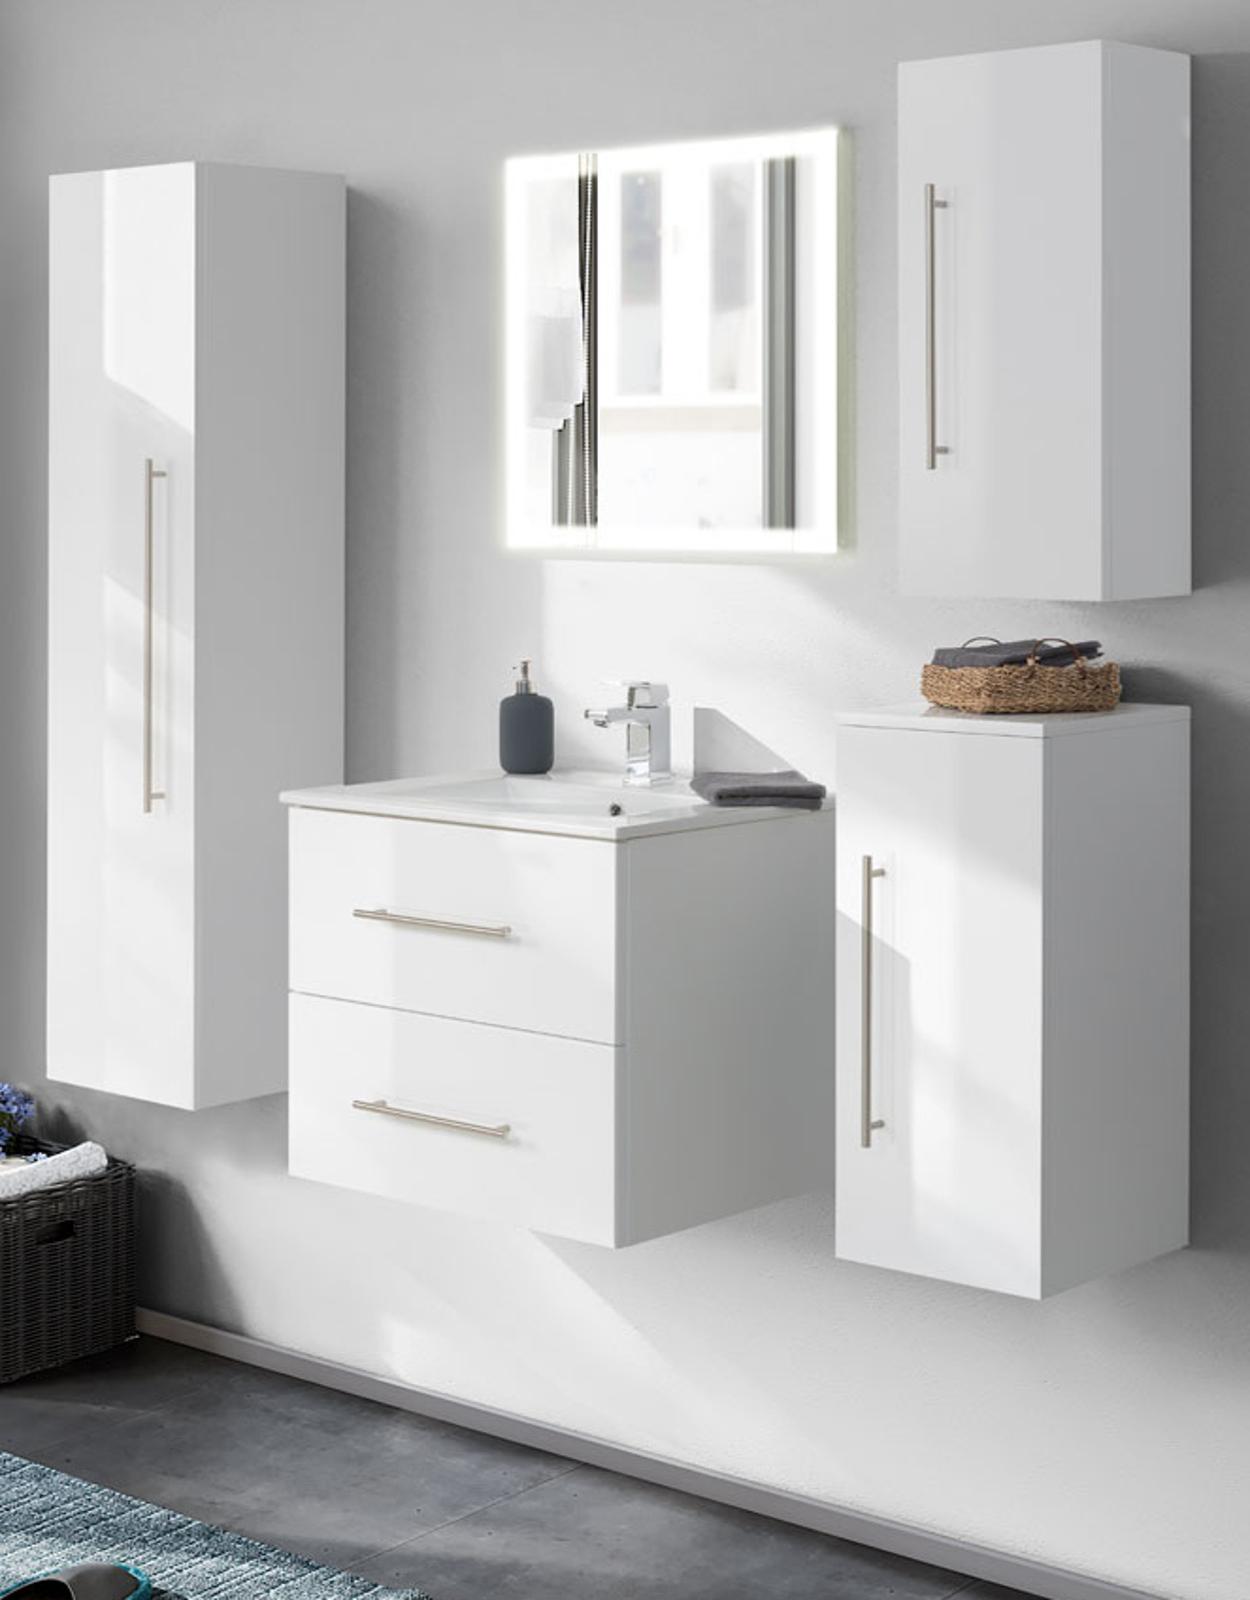 designermöbel wohnzimmerschrank | rheumri, Hause deko